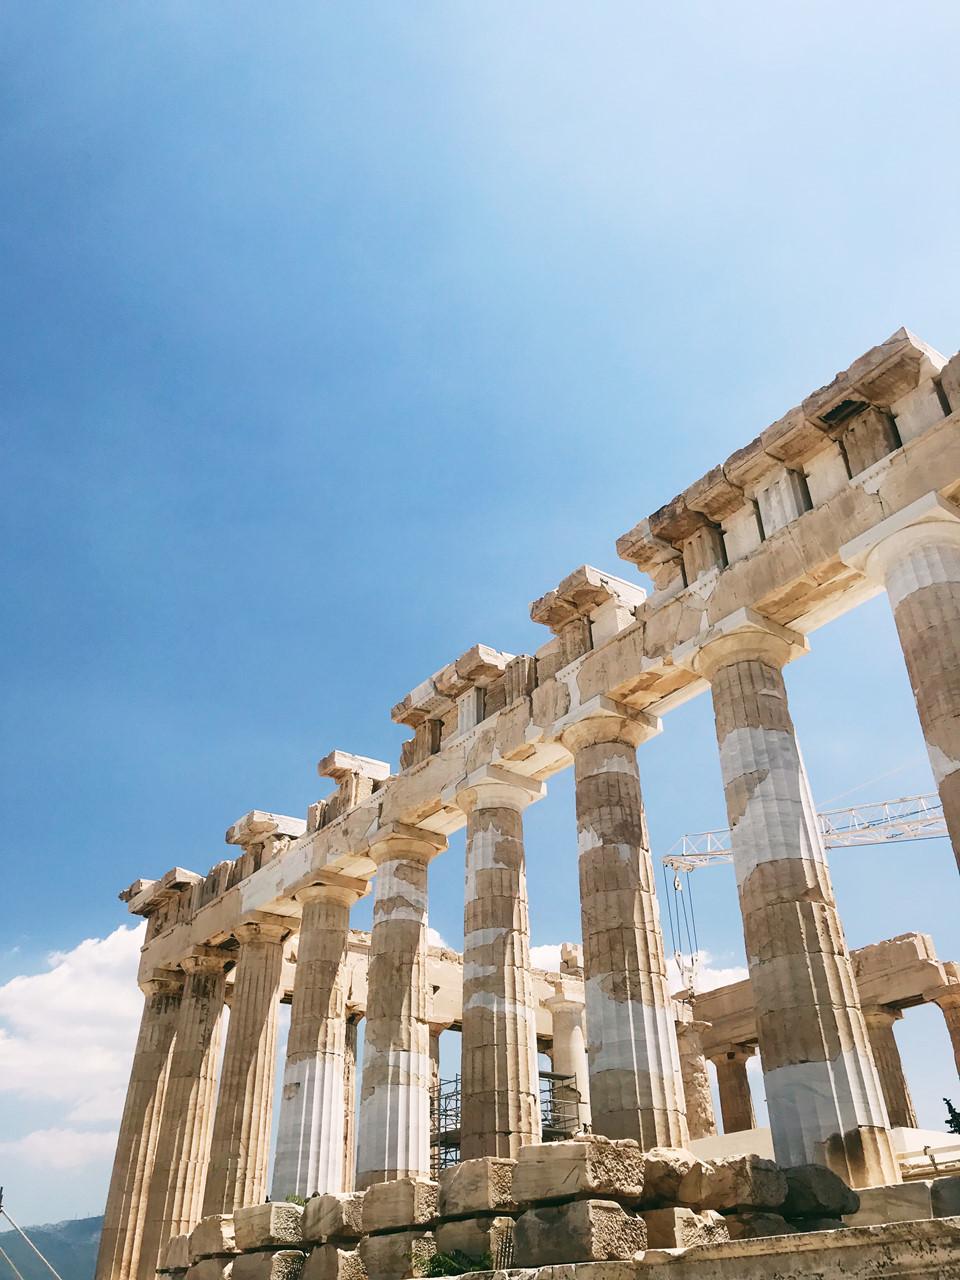 Mặc dù ngôi đền không còn được nguyên vẹn và du khách không được phép đi vào bên trong, bất cứ ai cũng cảm nhận được ý nghĩa quan trọng của biểu tượng này trong thế giới Hy Lạp cổ đại.